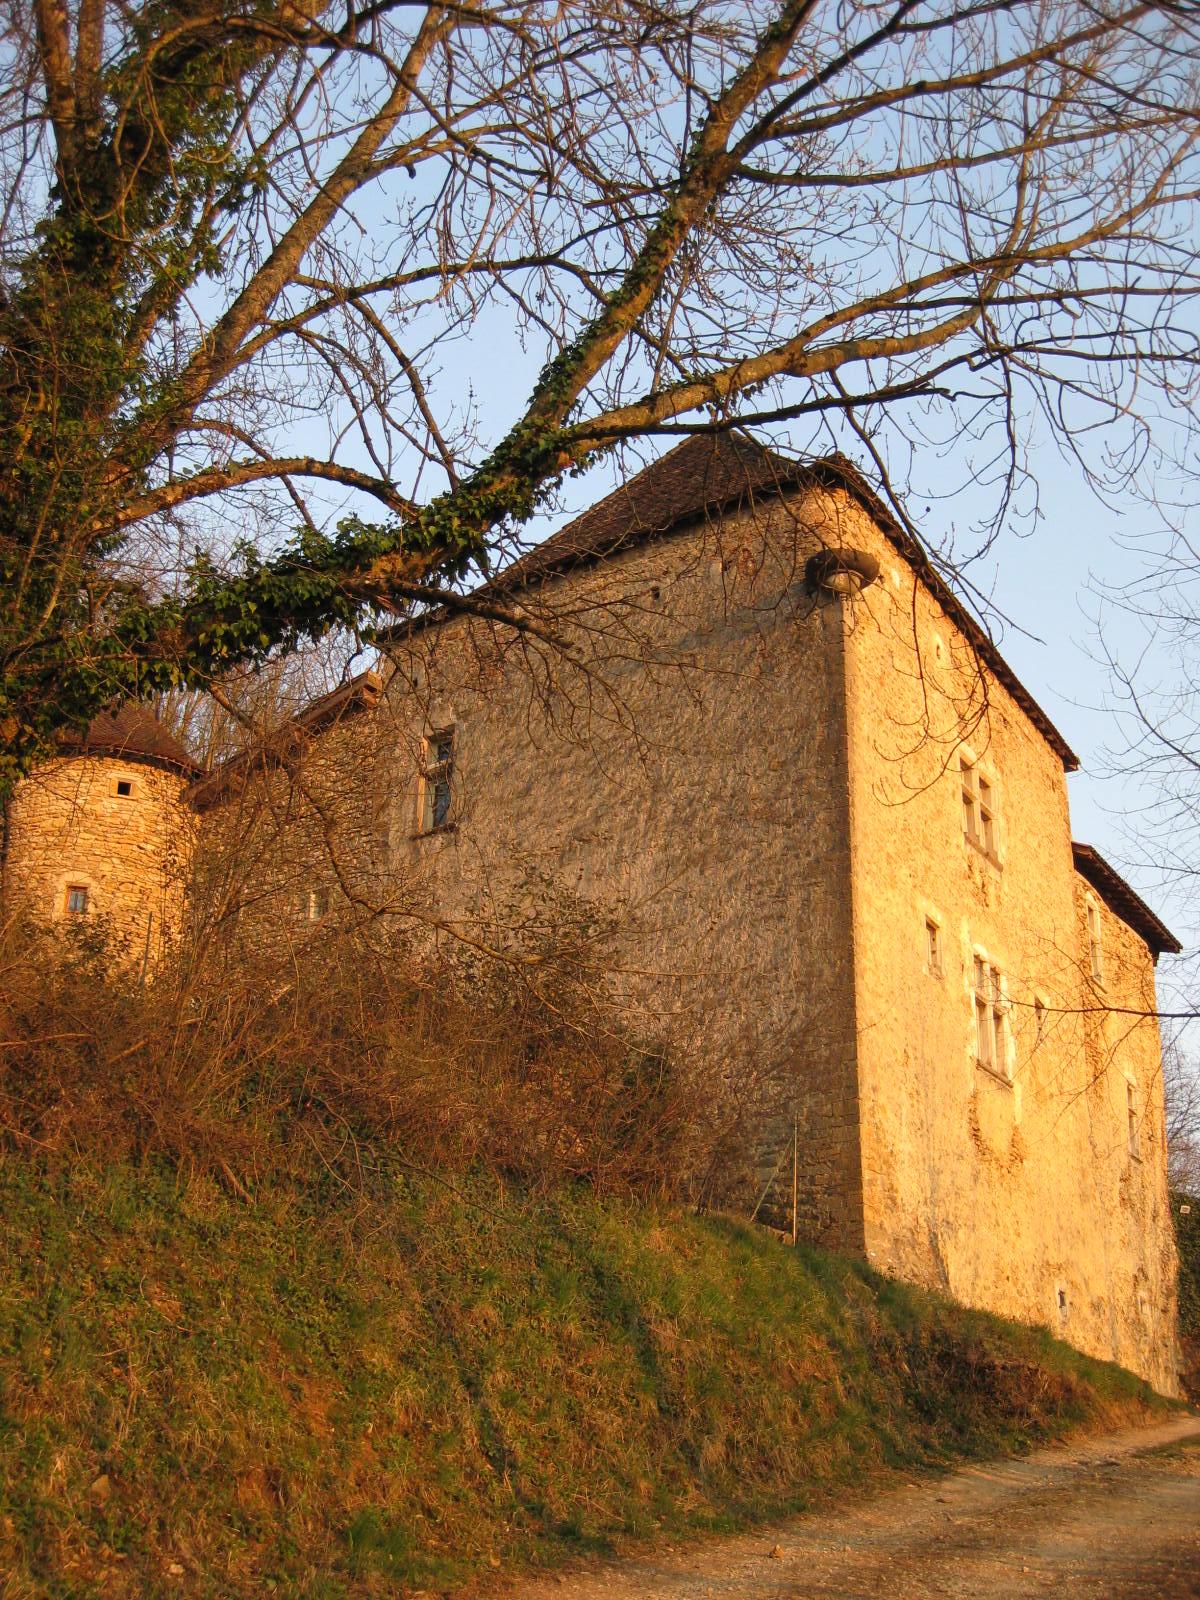 Maison forte de saint germain wikip dia for La quincaillerie saint germain